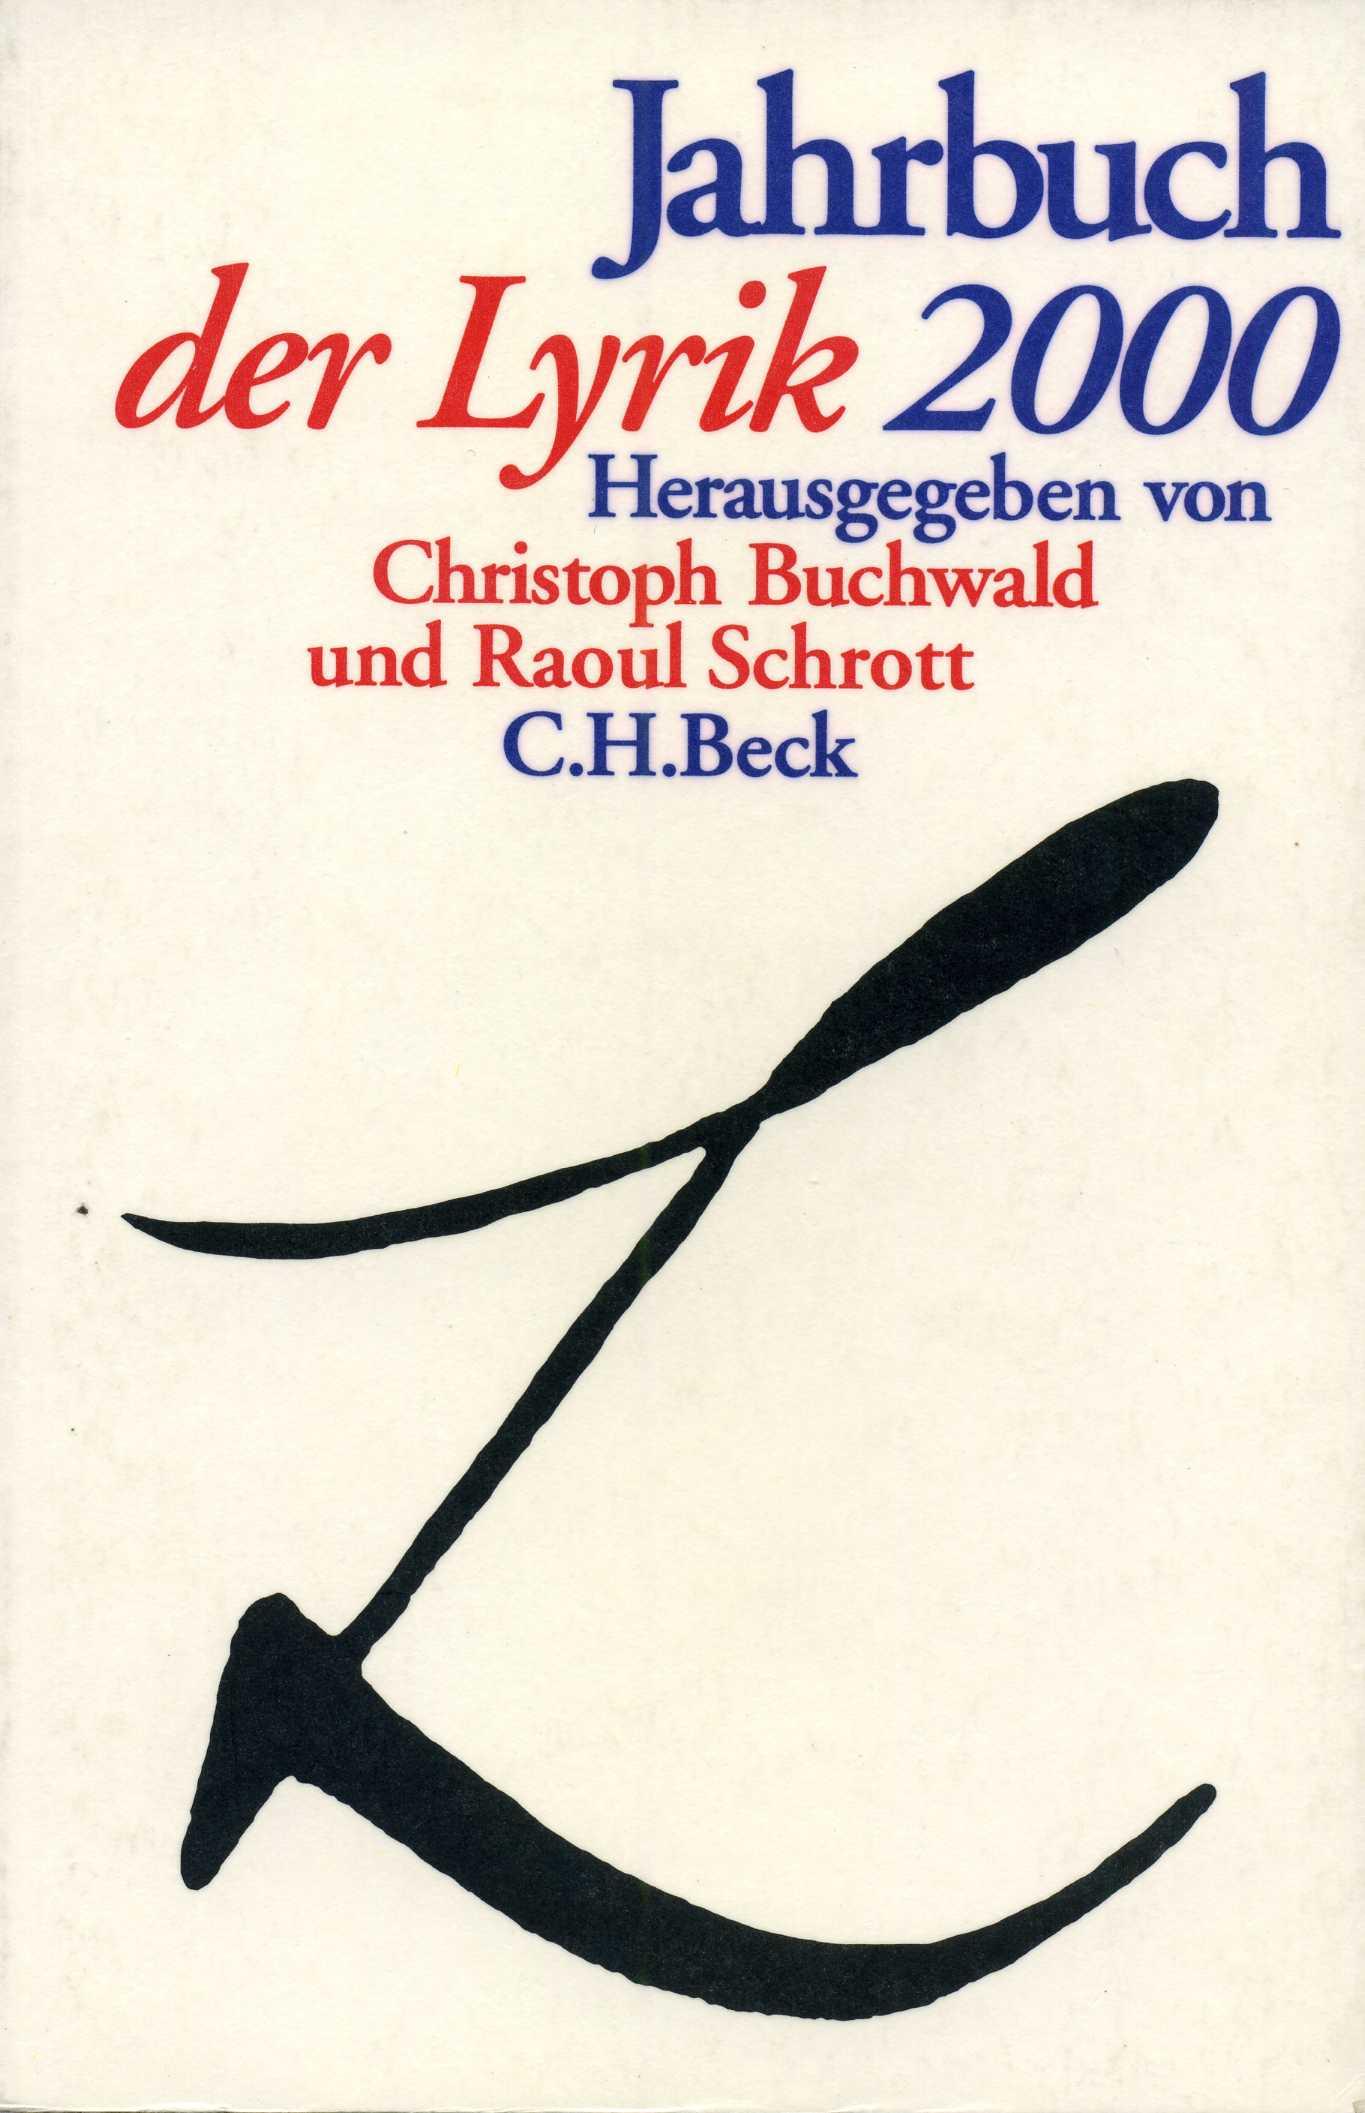 Jahrbuch der Lyrik 2000